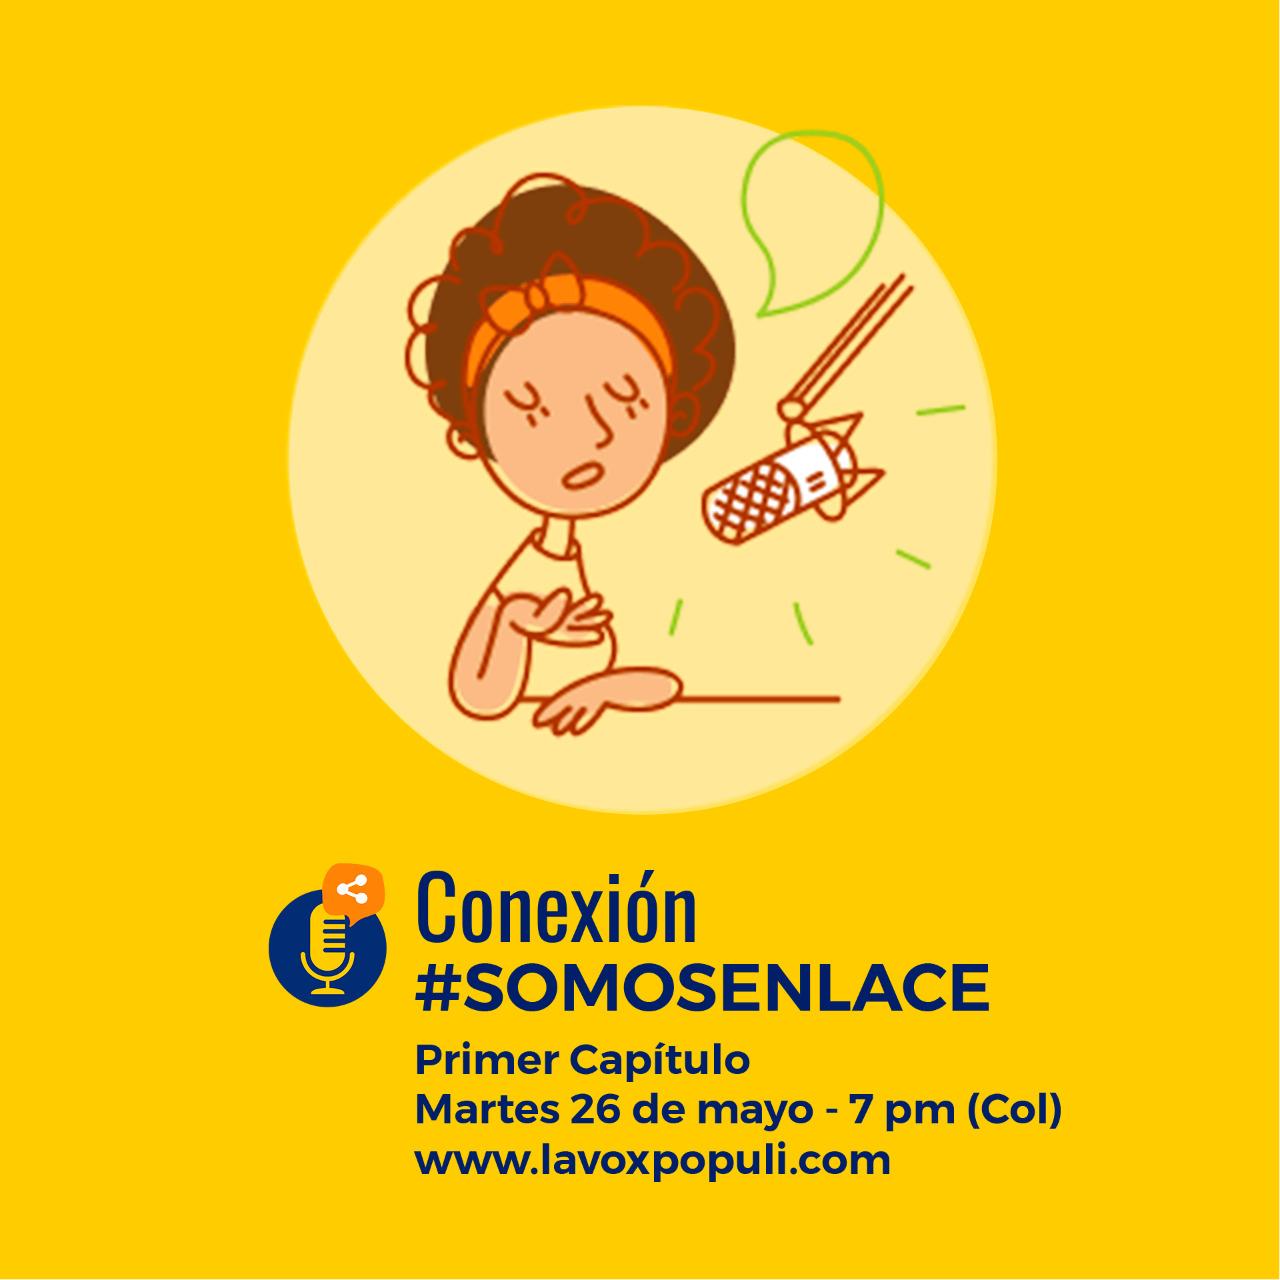 Conexión #SomosEnlace Voces desde los territorios - El comienzo capítulo 1